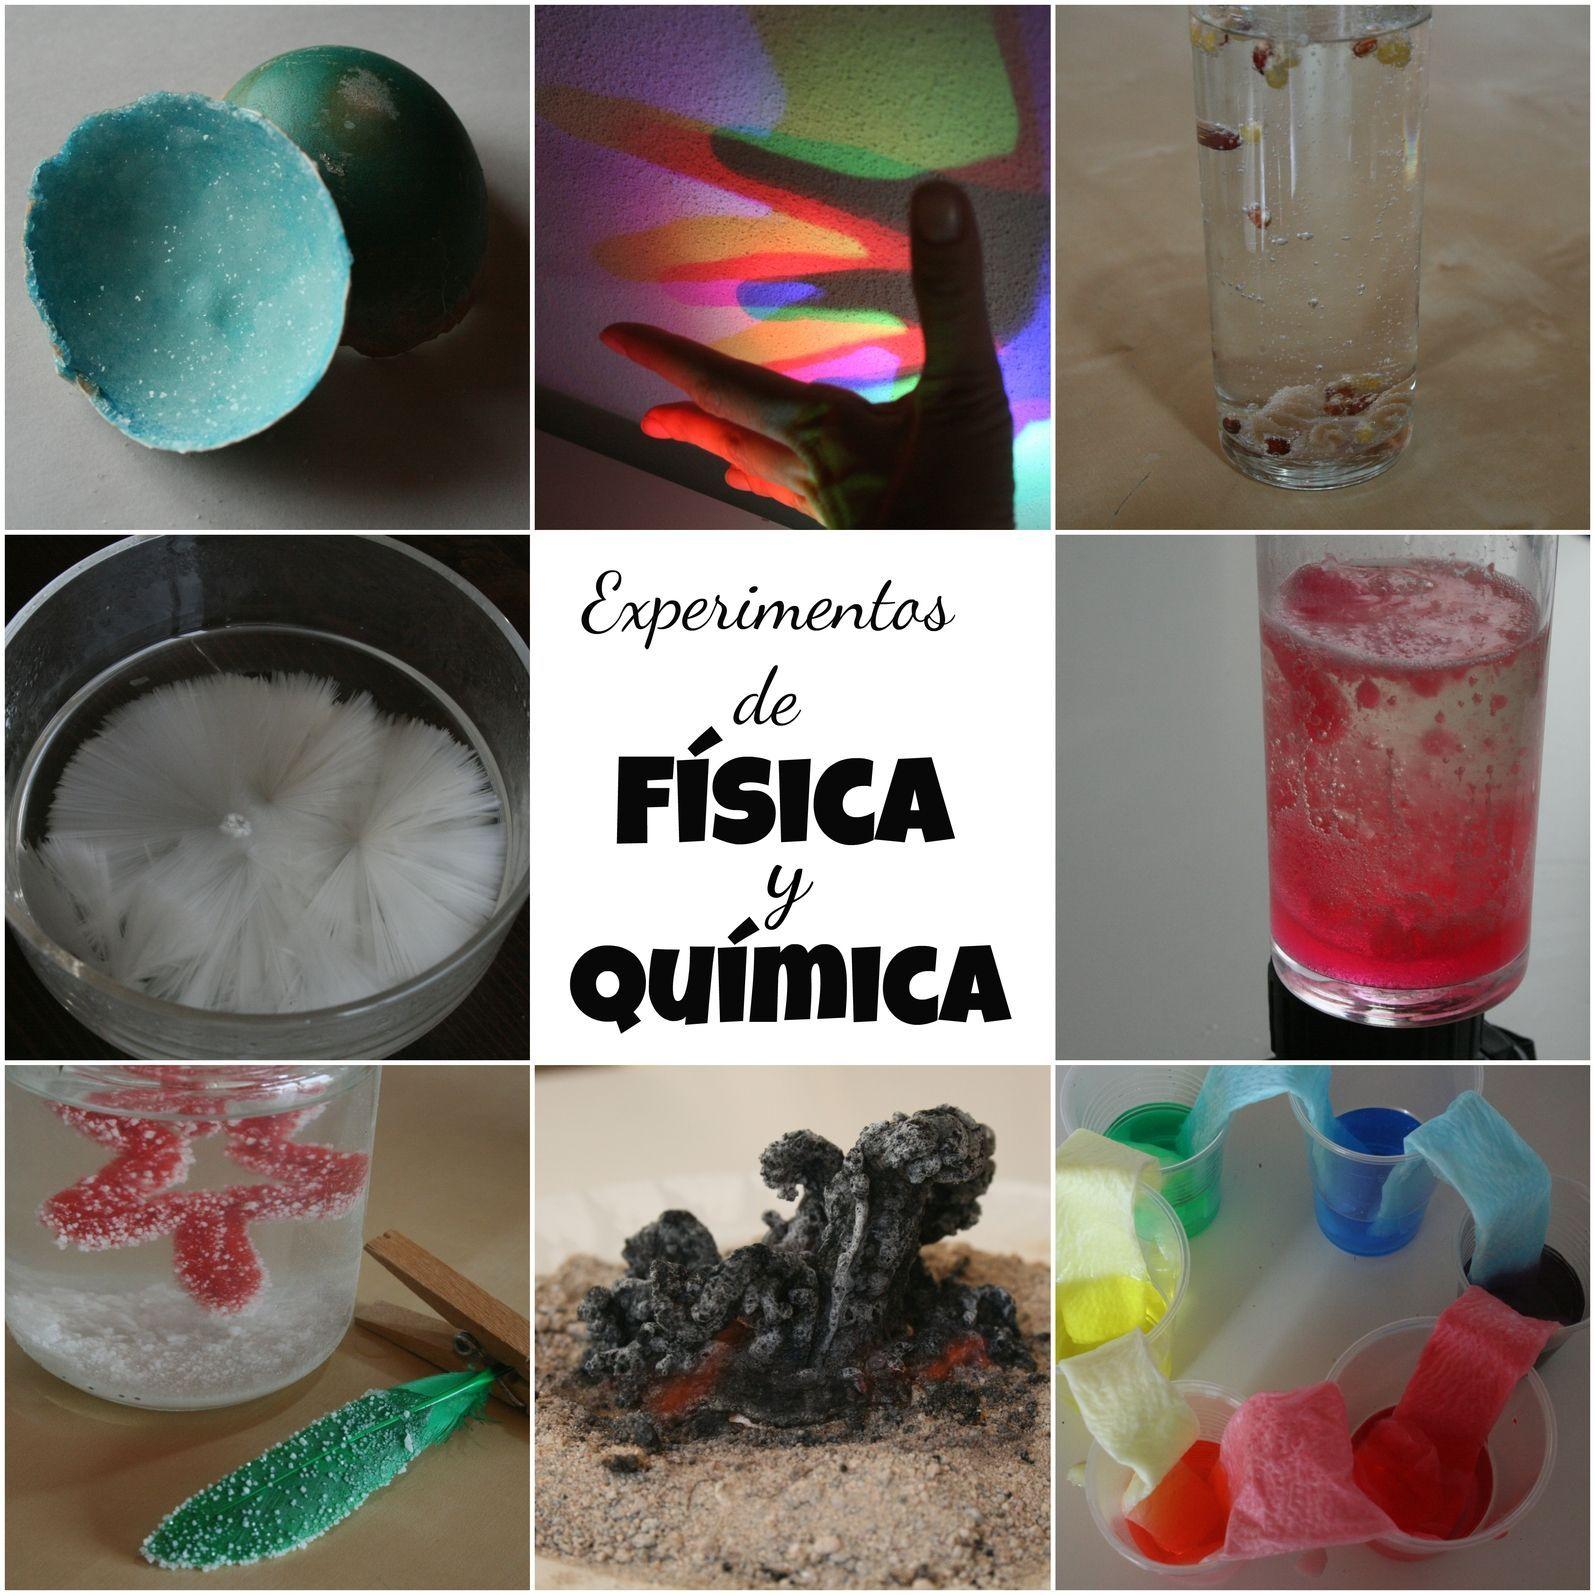 Experimentos de Fsica y Qumica  Cursos experCiencia